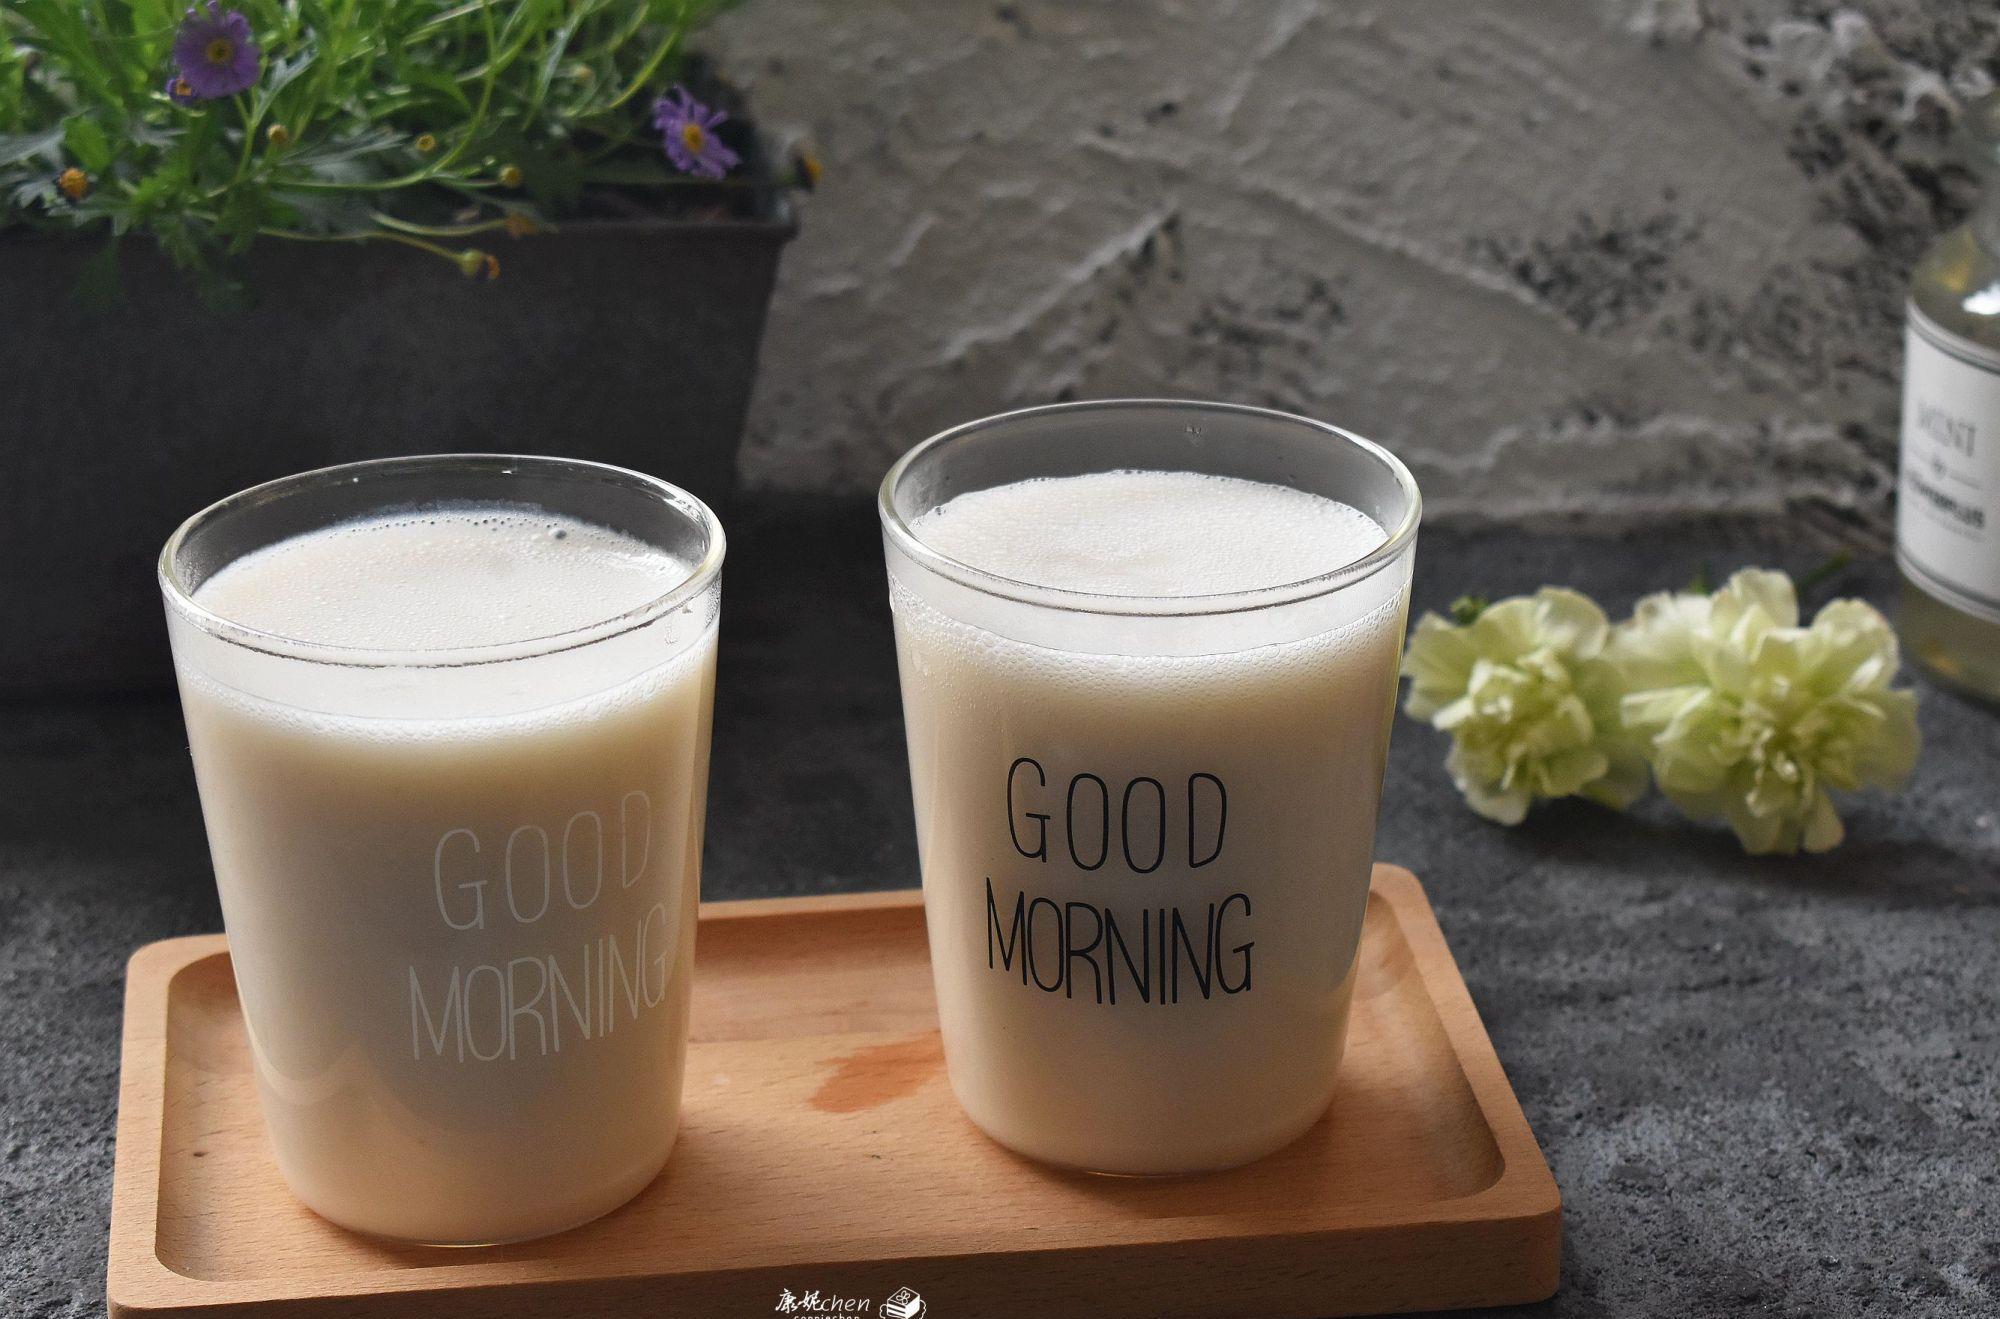 我爱上这早餐,比豆浆浓稠好吃,比煮粥简单省事,清香味美睡眠好